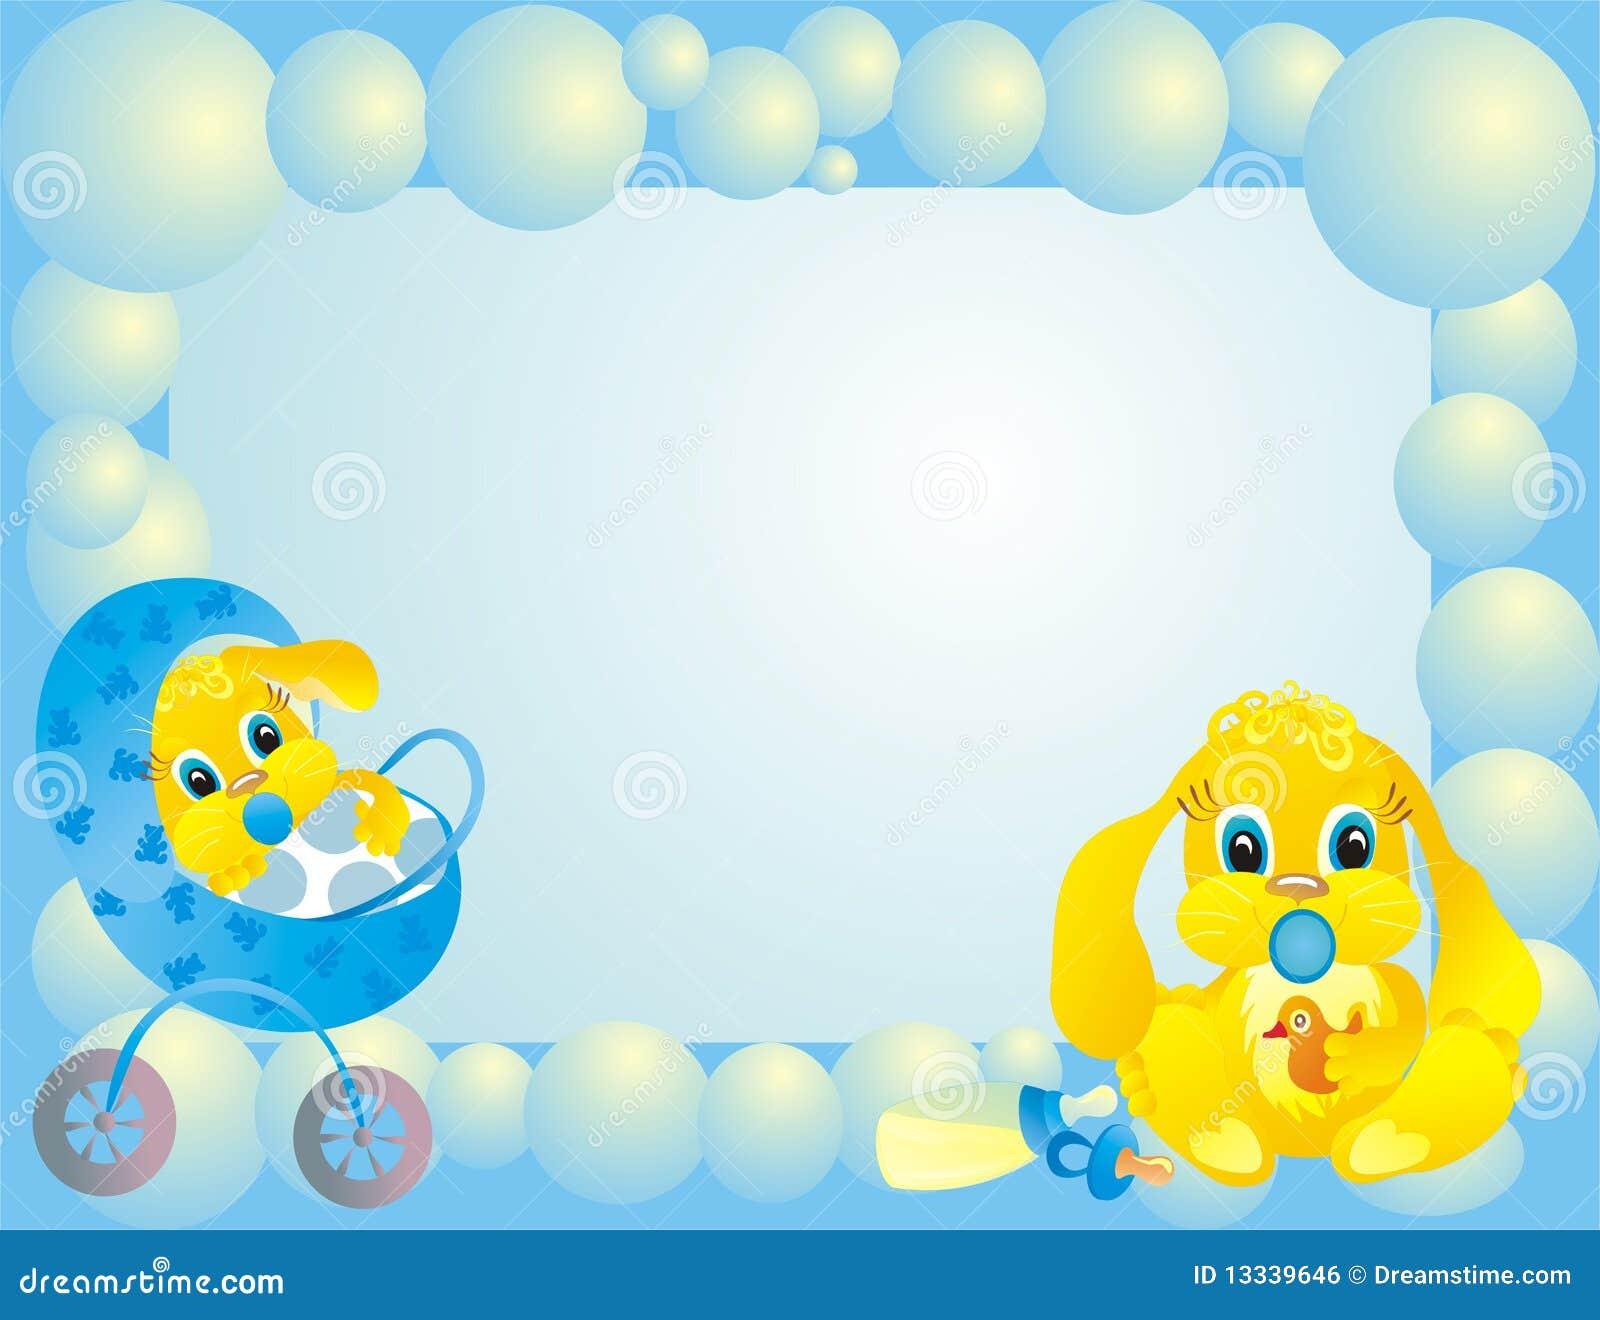 Het kader van de baby met konijntje vectorillustratie vector illustratie afbeelding 13339646 - Bebe ontwerp ...